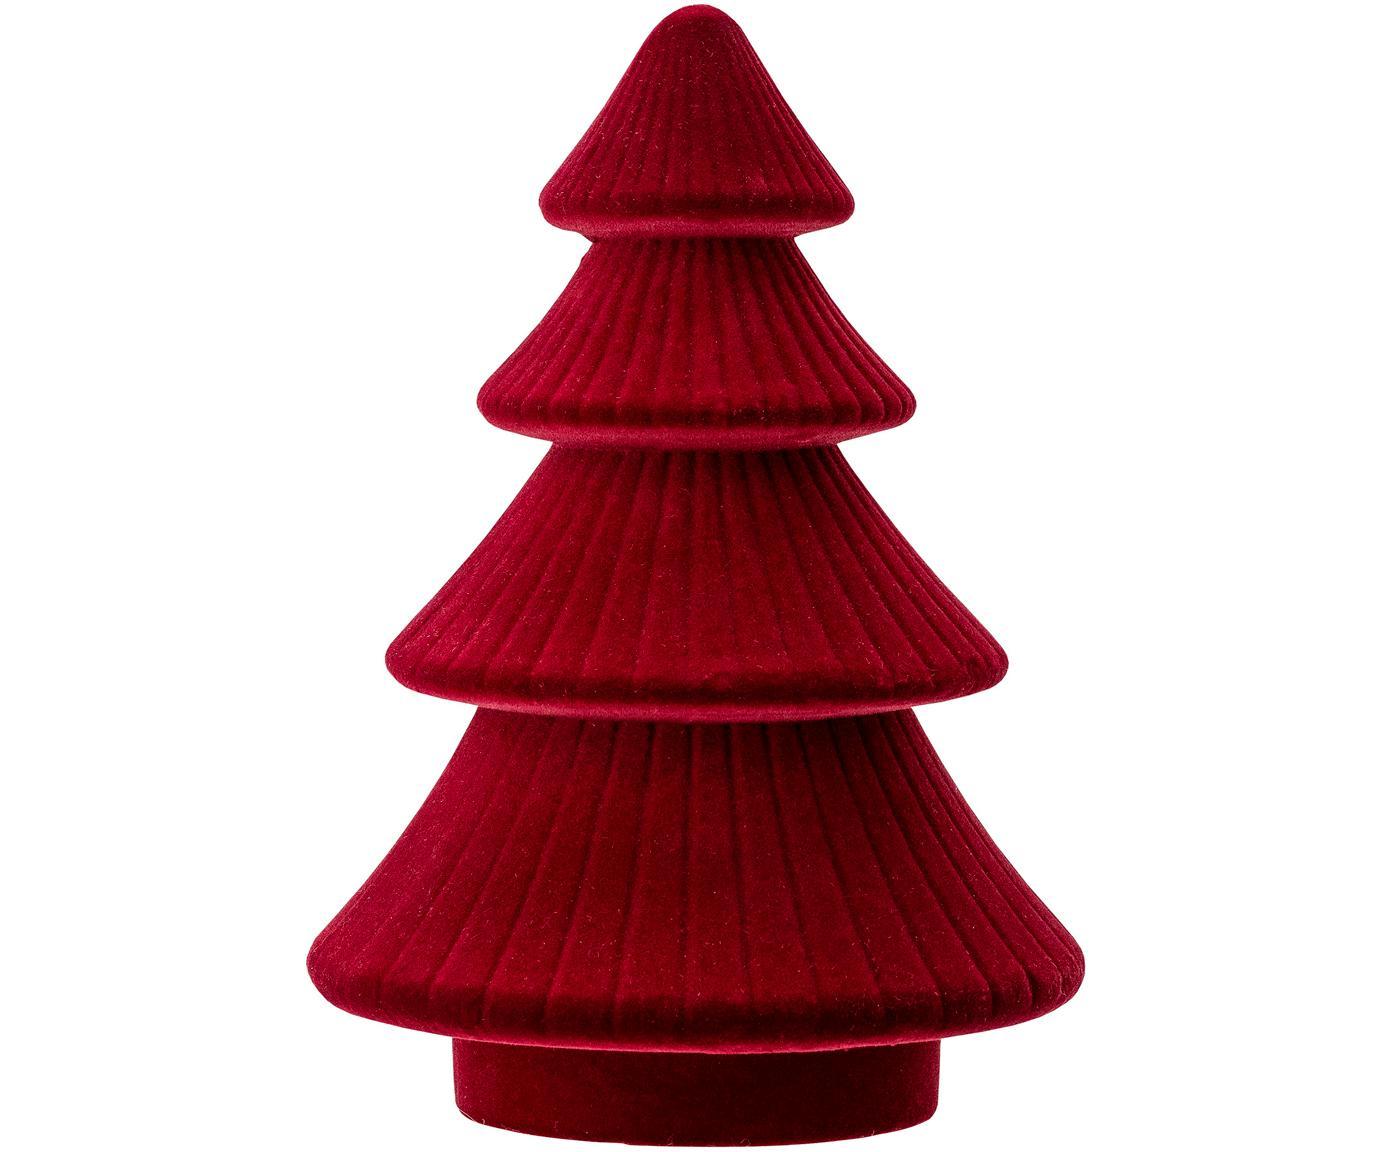 Dekoracja z aksamitu Tree, Płyta pilśniowa średniej gęstości (MDF), aksamit poliestrowy, Czerwony, Ø 14 x W 20 cm